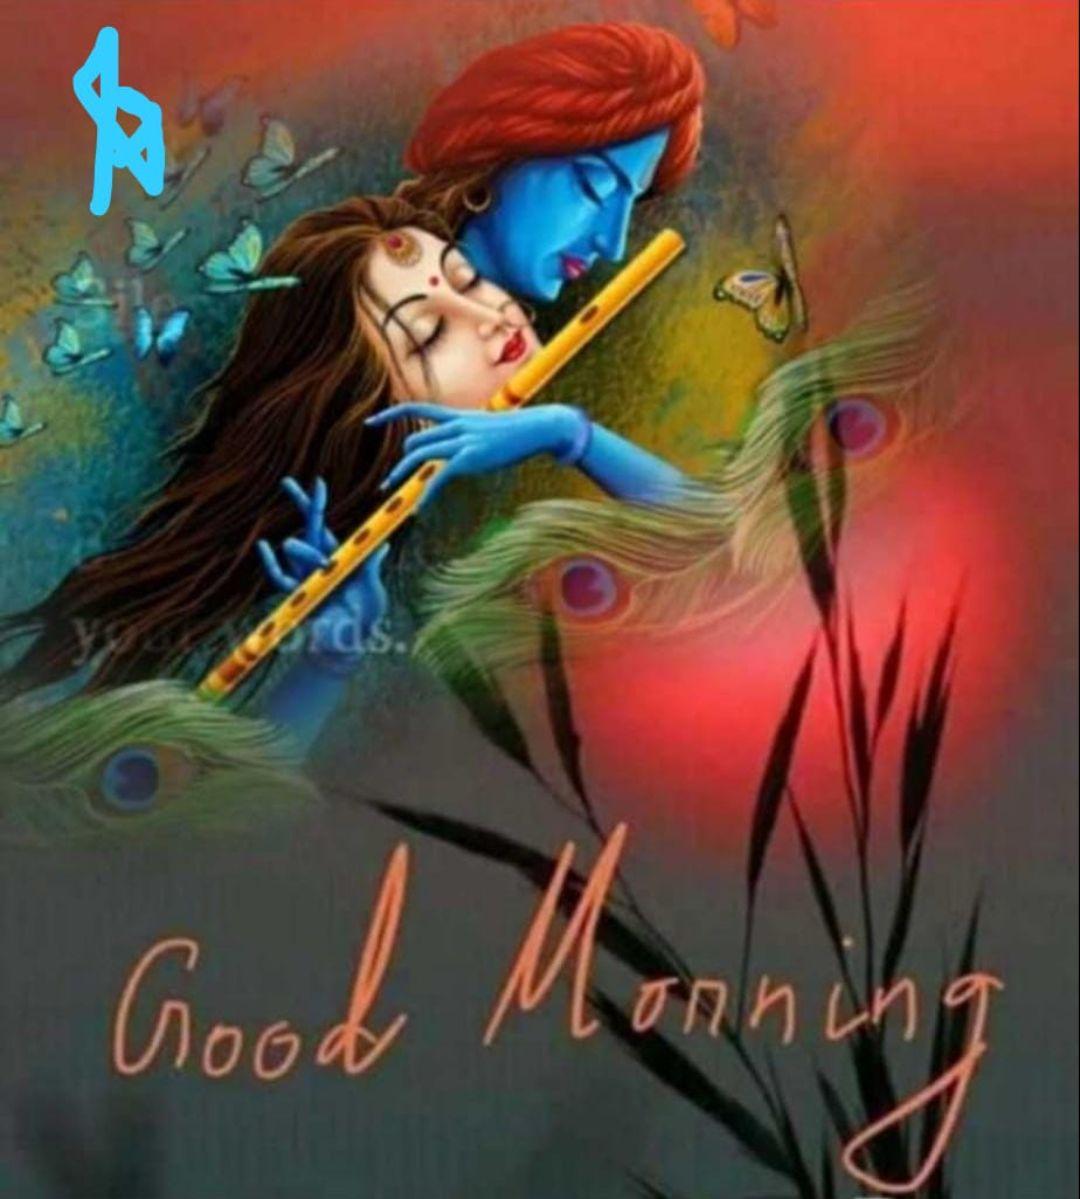 শুভ সকাল - ML Ол и си и Vood Good Morning - ShareChat